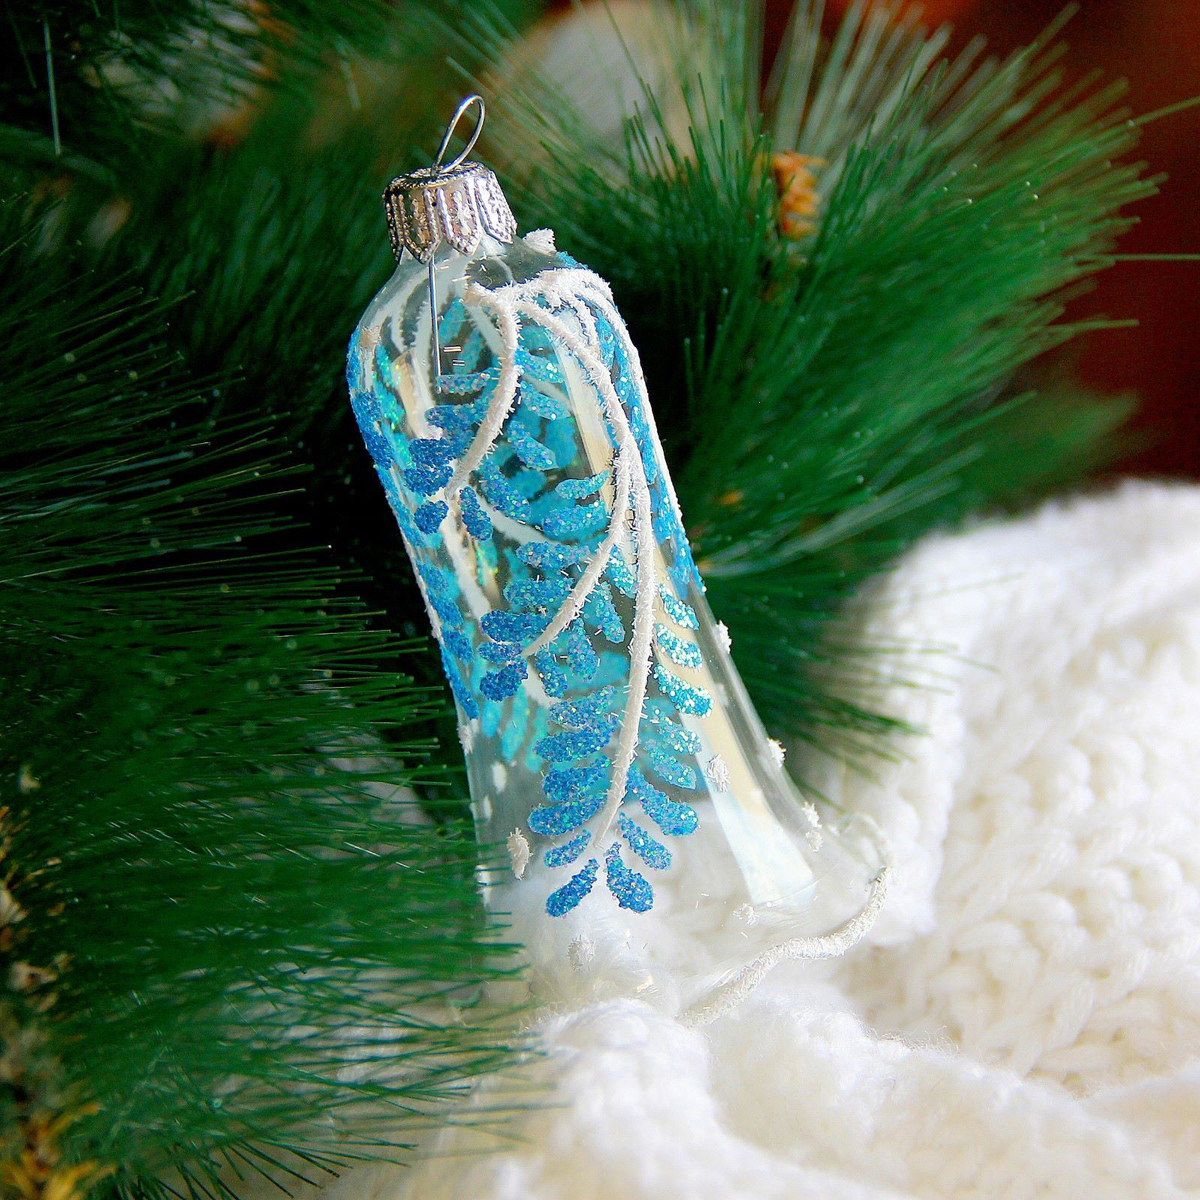 Новогоднее подвесное украшение Ёлочка Веточка, 6 х 6 х 12,5 см2564823Новогоднее подвесное украшение Ёлочка отлично подойдет для декорации вашего дома и новогодней ели. Новогоднее украшение можно повесить в любом понравившемся вам месте. Но, конечно, удачнее всего оно будет смотреться на праздничной елке.Елочная игрушка - символ Нового года. Она несет в себе волшебство и красоту праздника. Такое украшение создаст в вашем доме атмосферу праздника, веселья и радости.